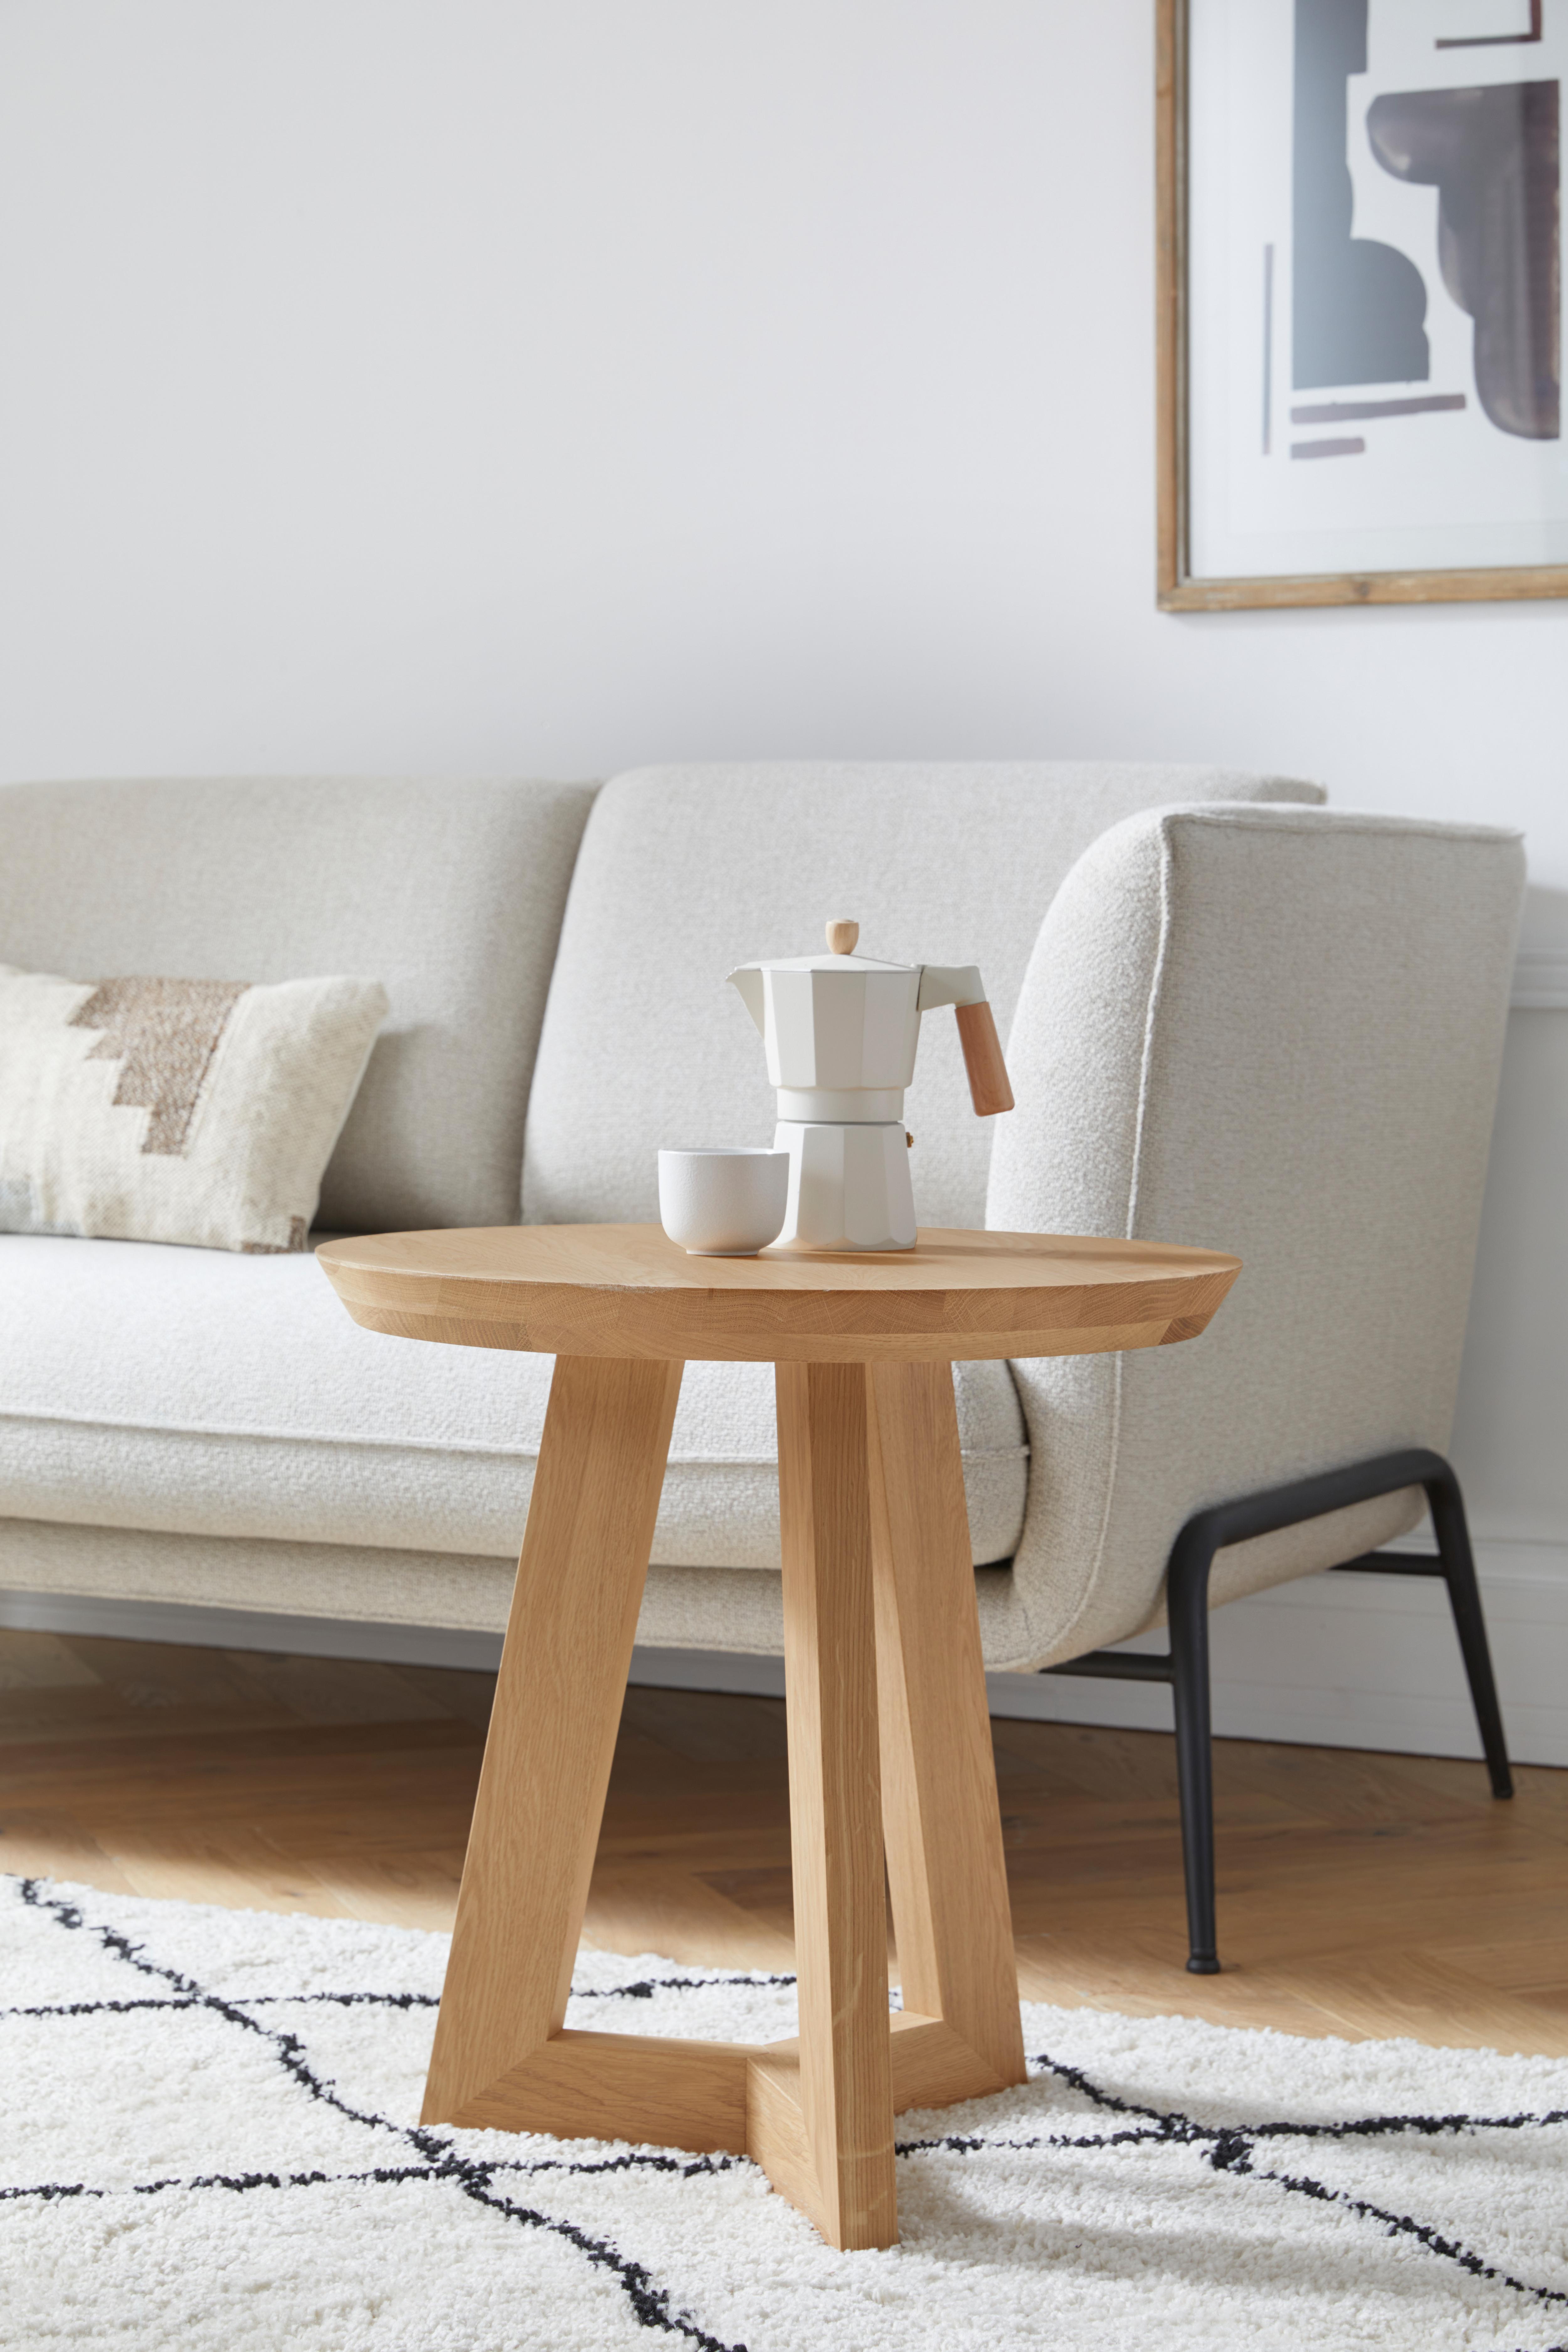 andas Beistelltisch Tonje, Design by Morten Georgsen beige Beistelltische Tische